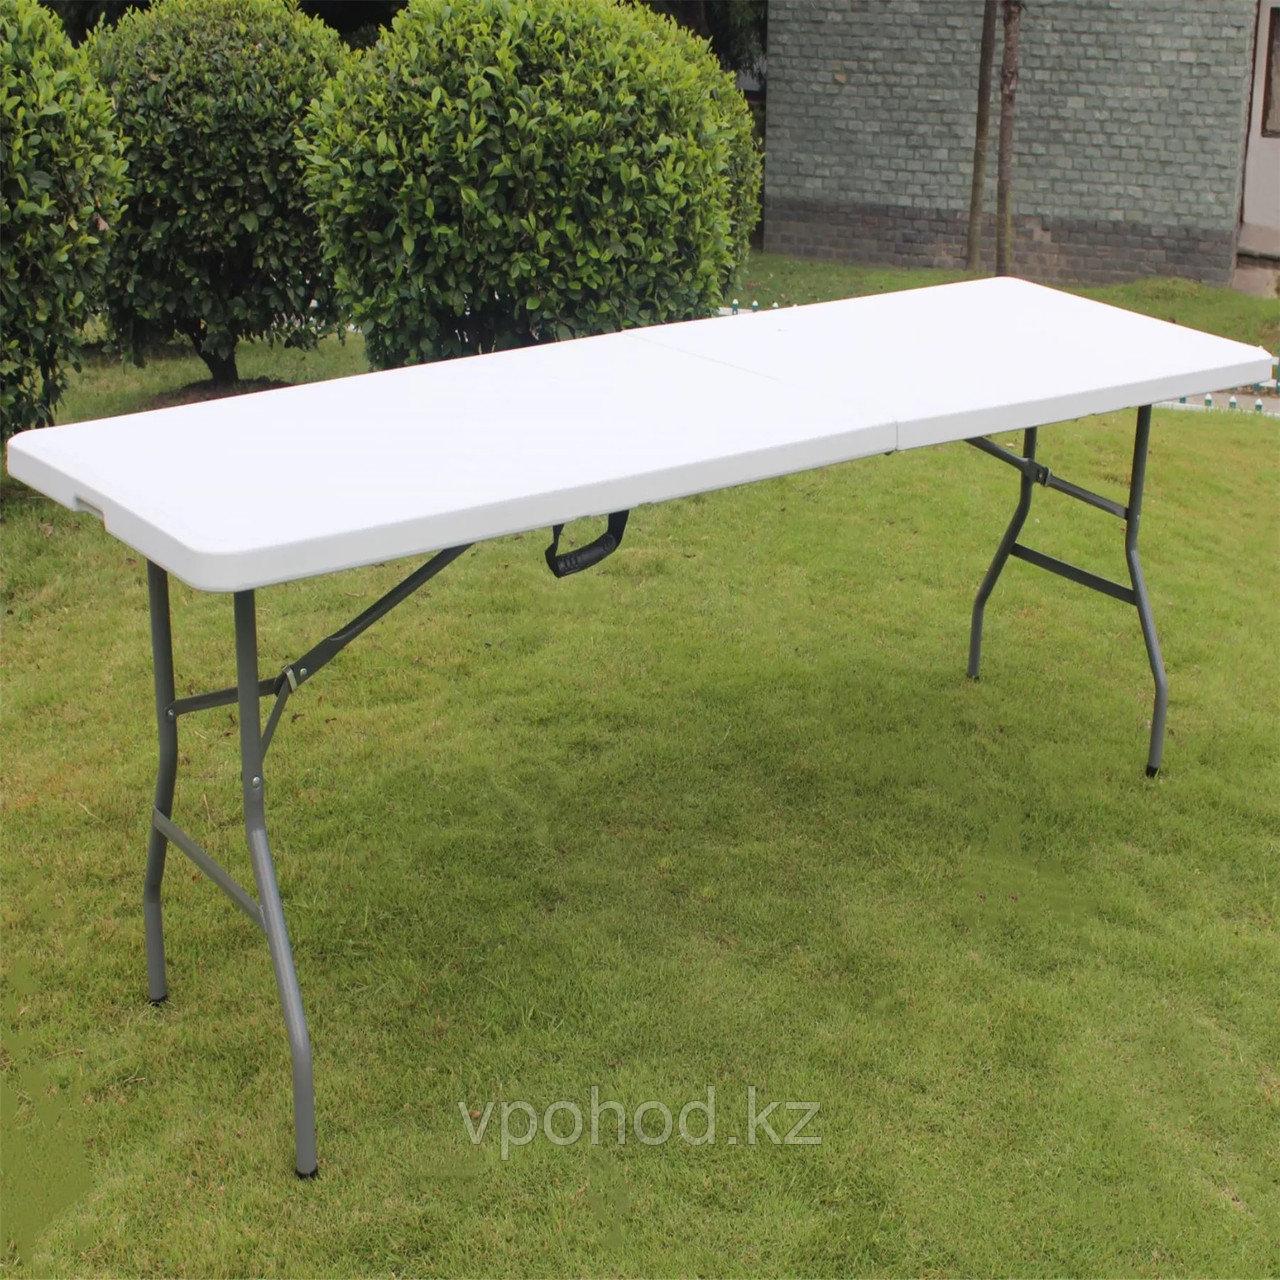 Стол складной пластиковый 180 см